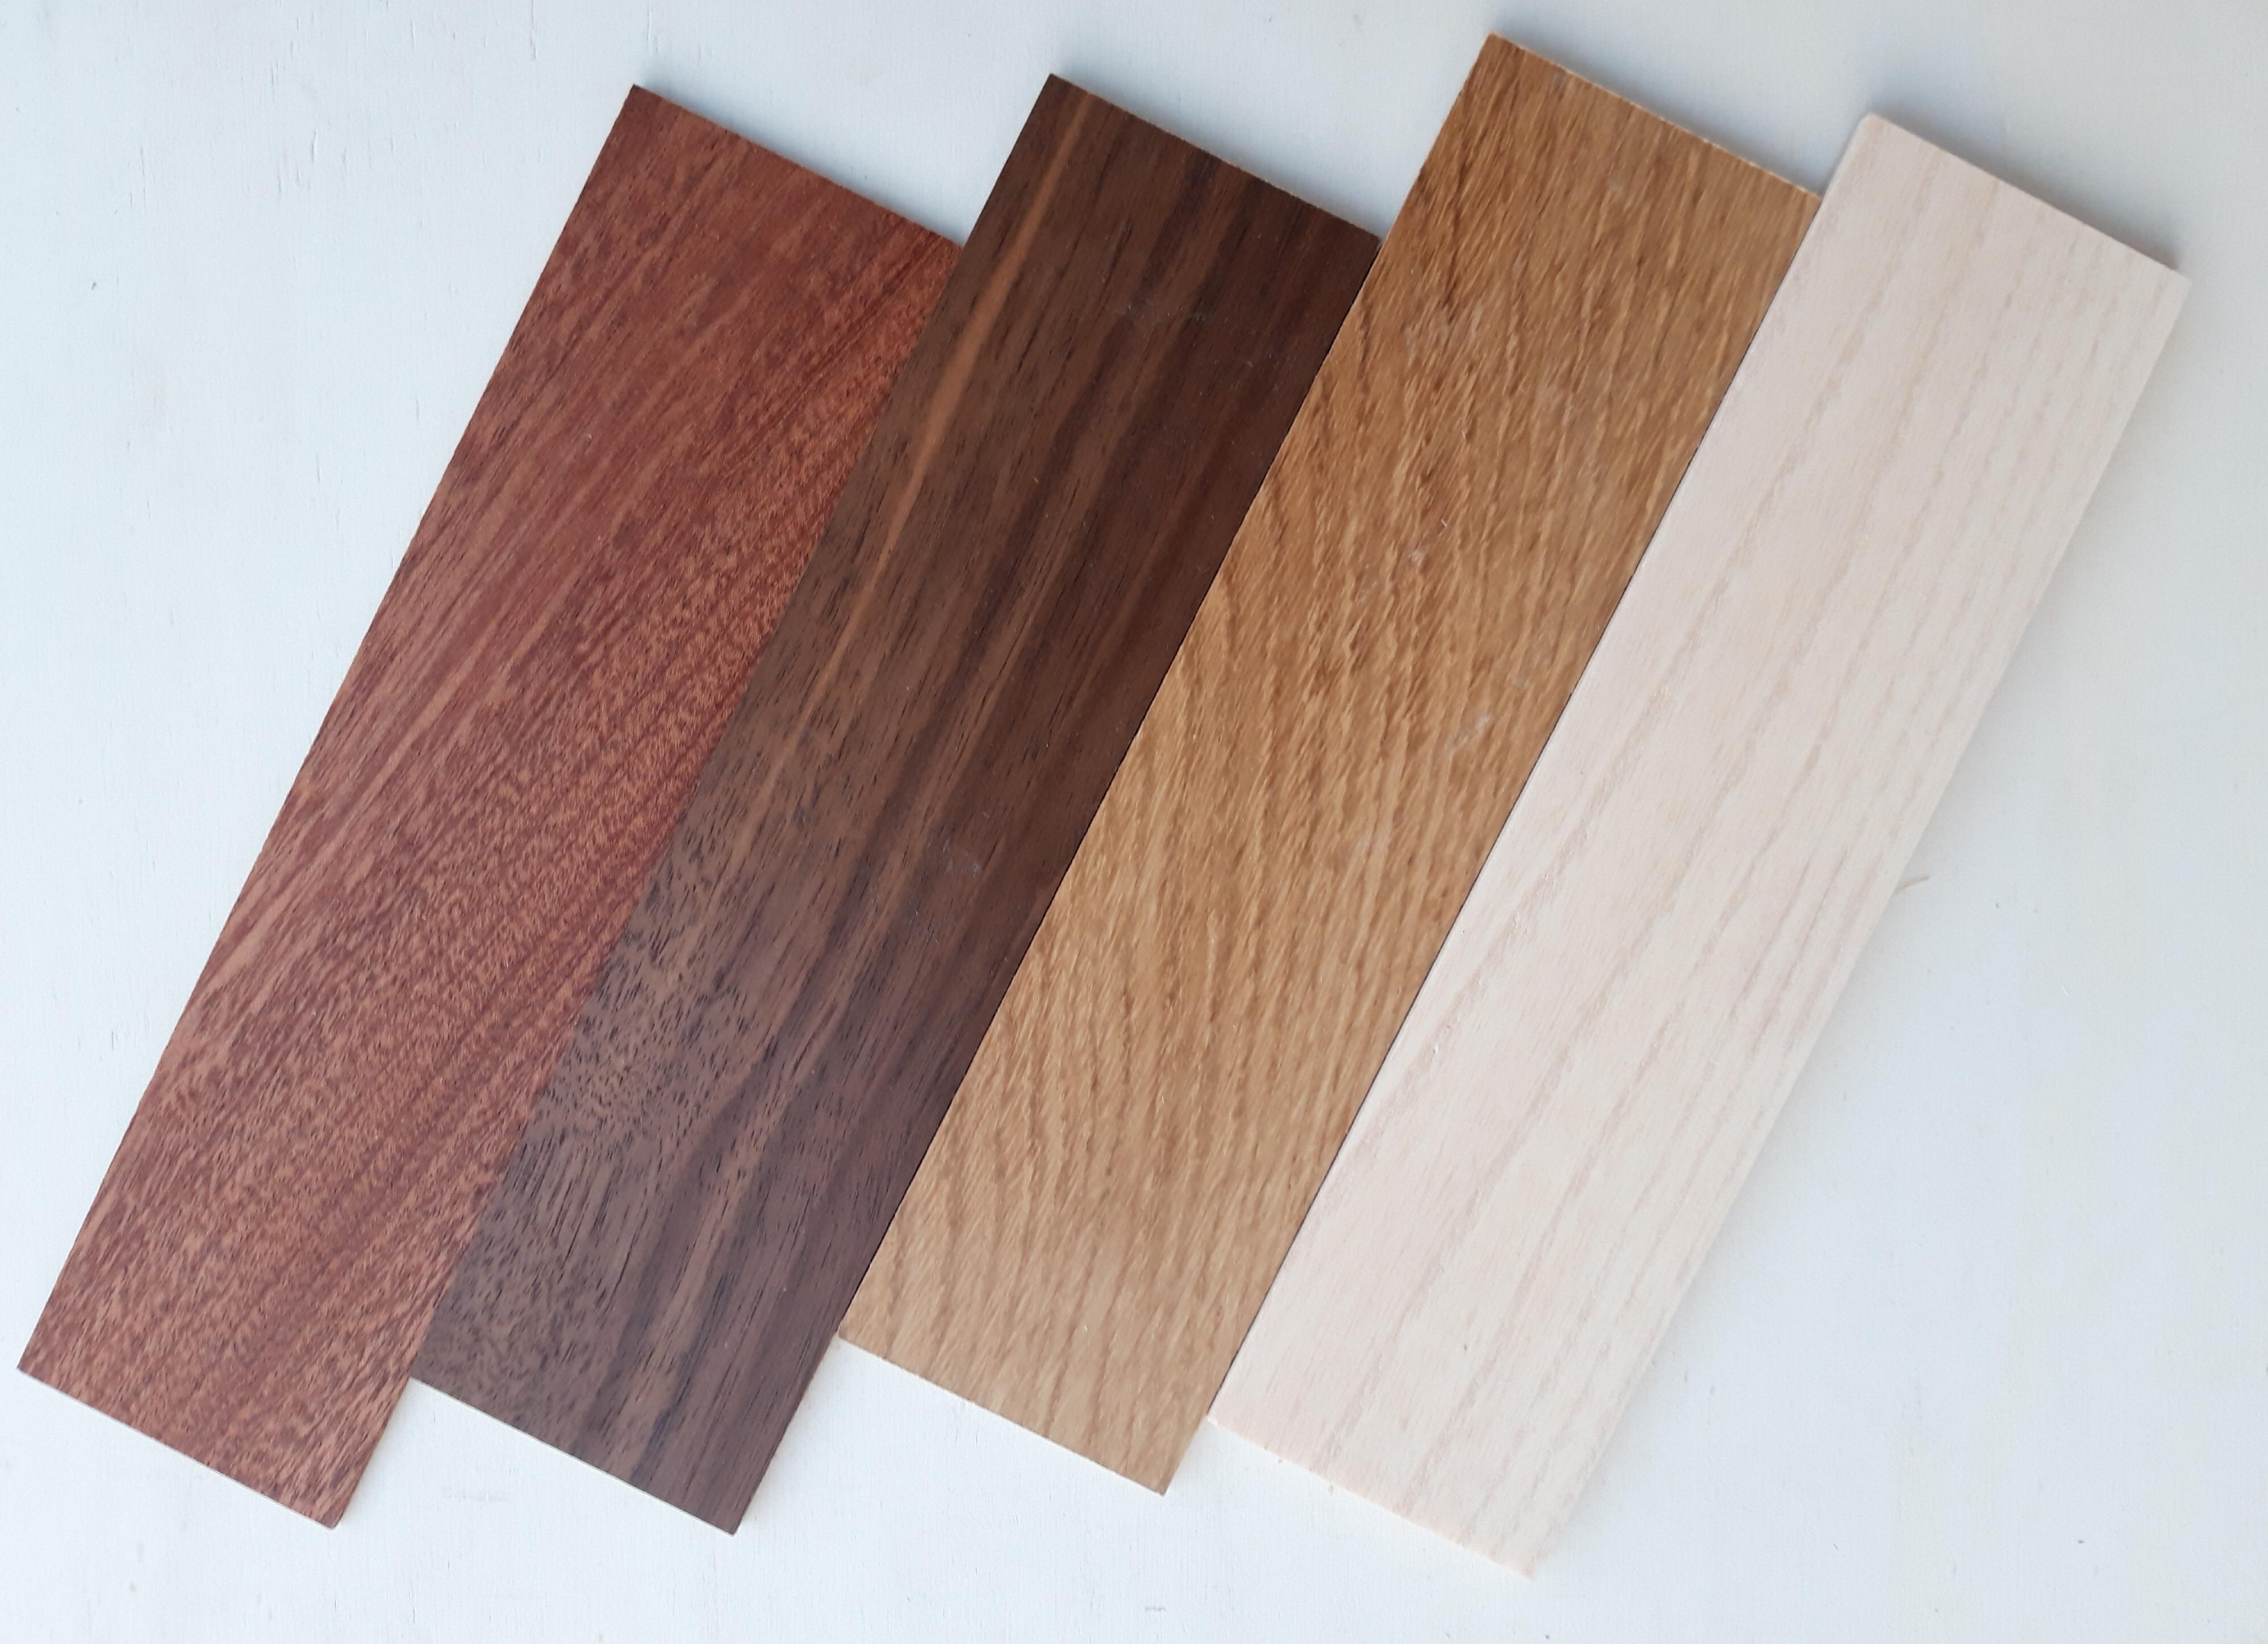 Vrste lesa-dodano k VSEM metuljčkom!